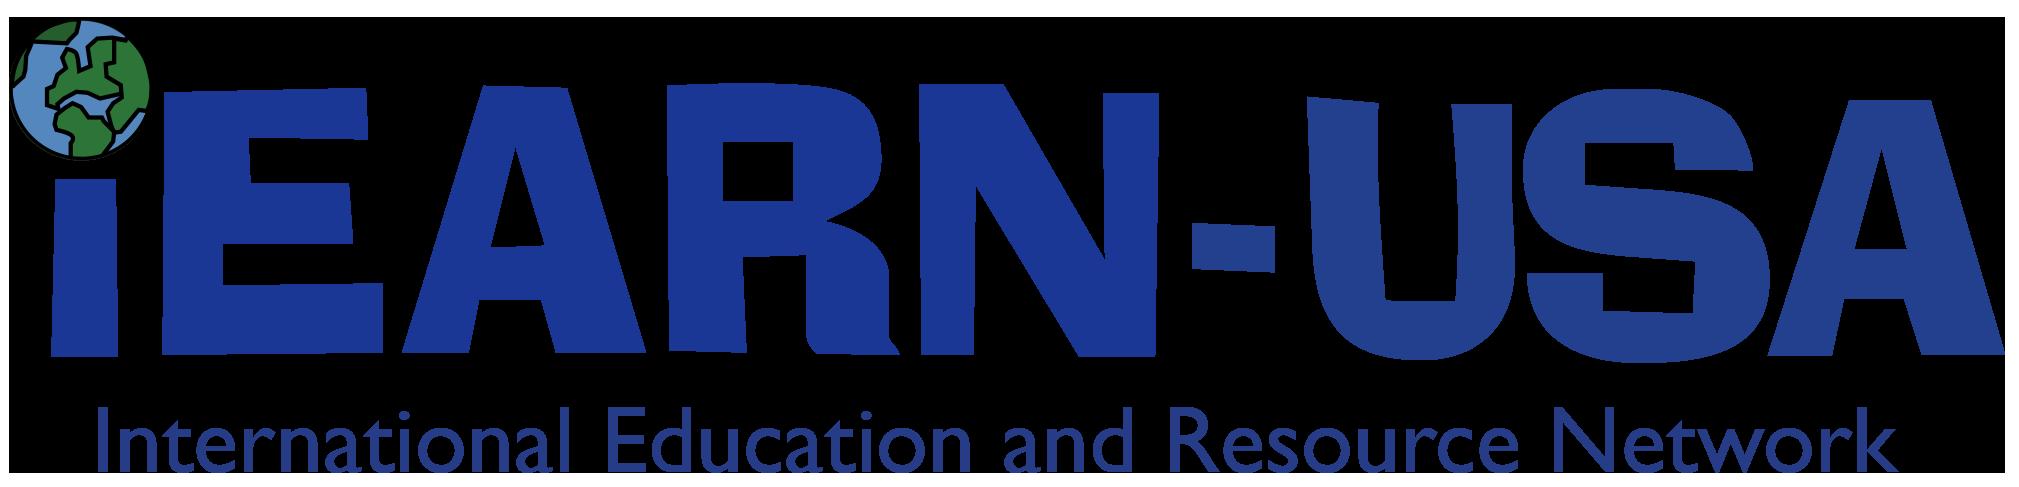 iEARN-USA Logo